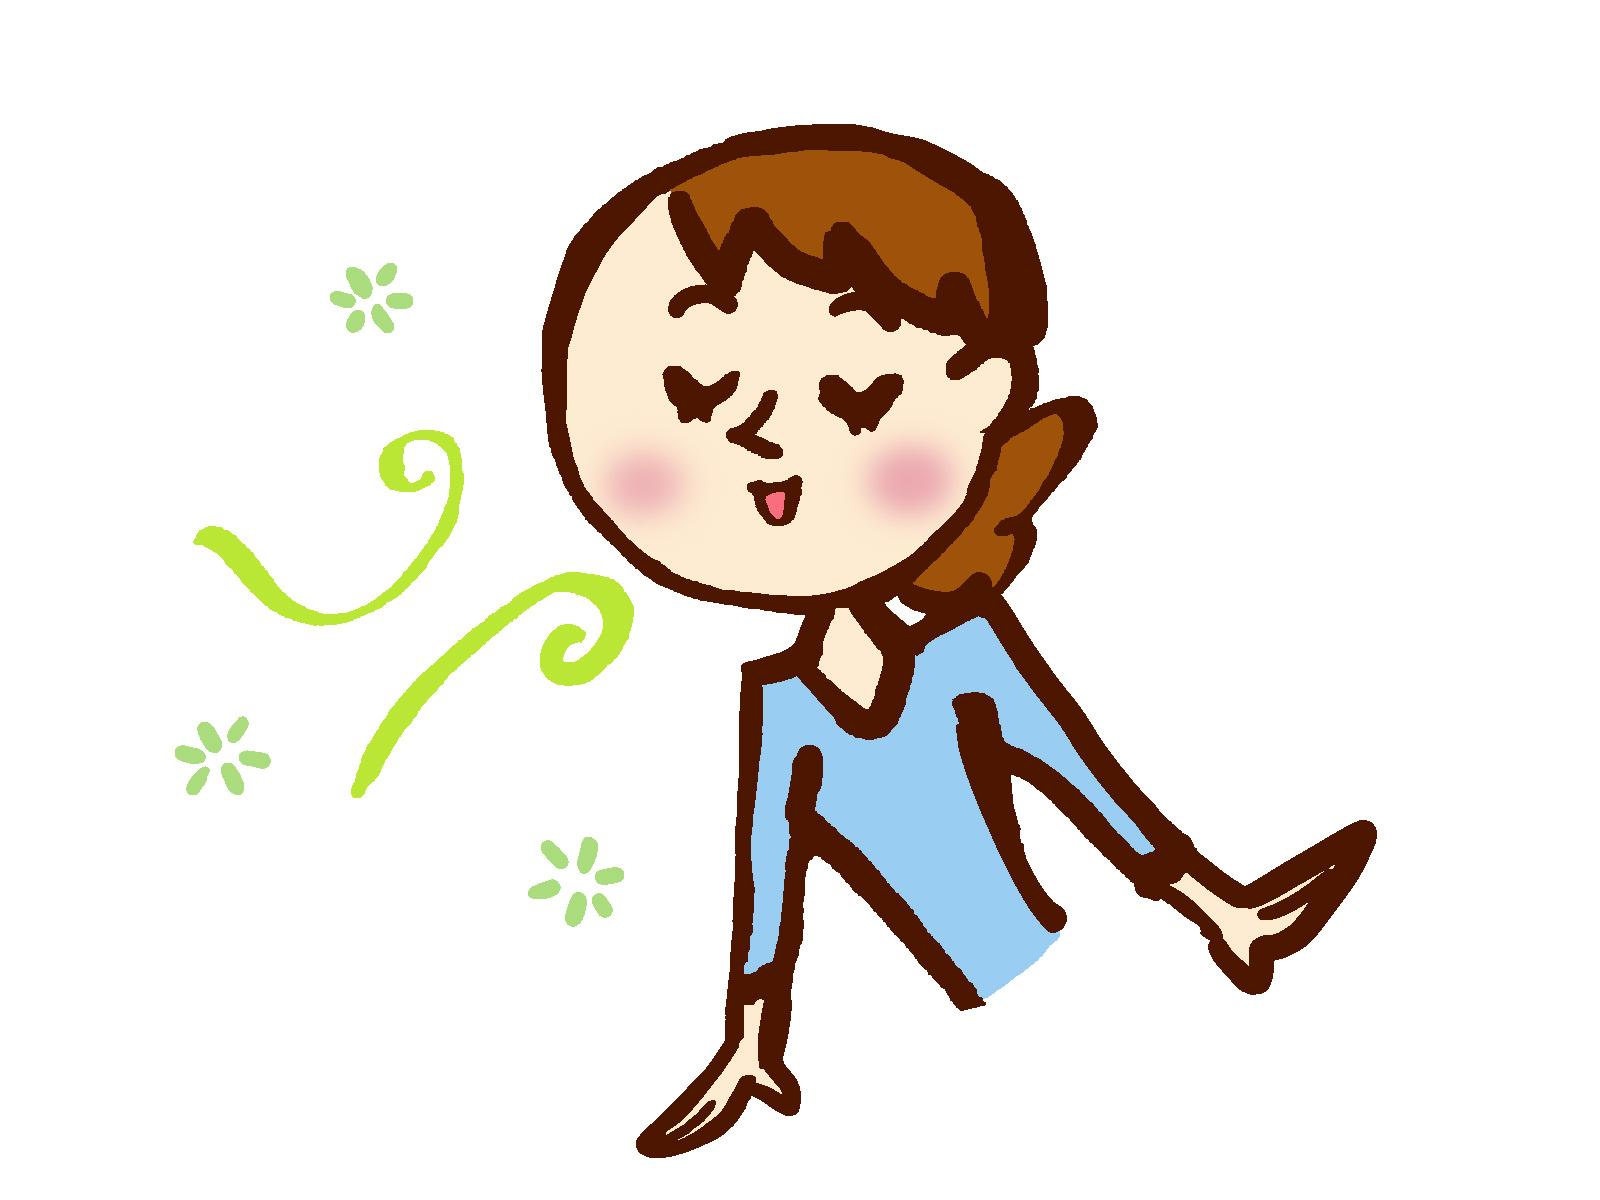 夢占い鼻の夢の意味診断10パターン!立場やプライドが危うい?